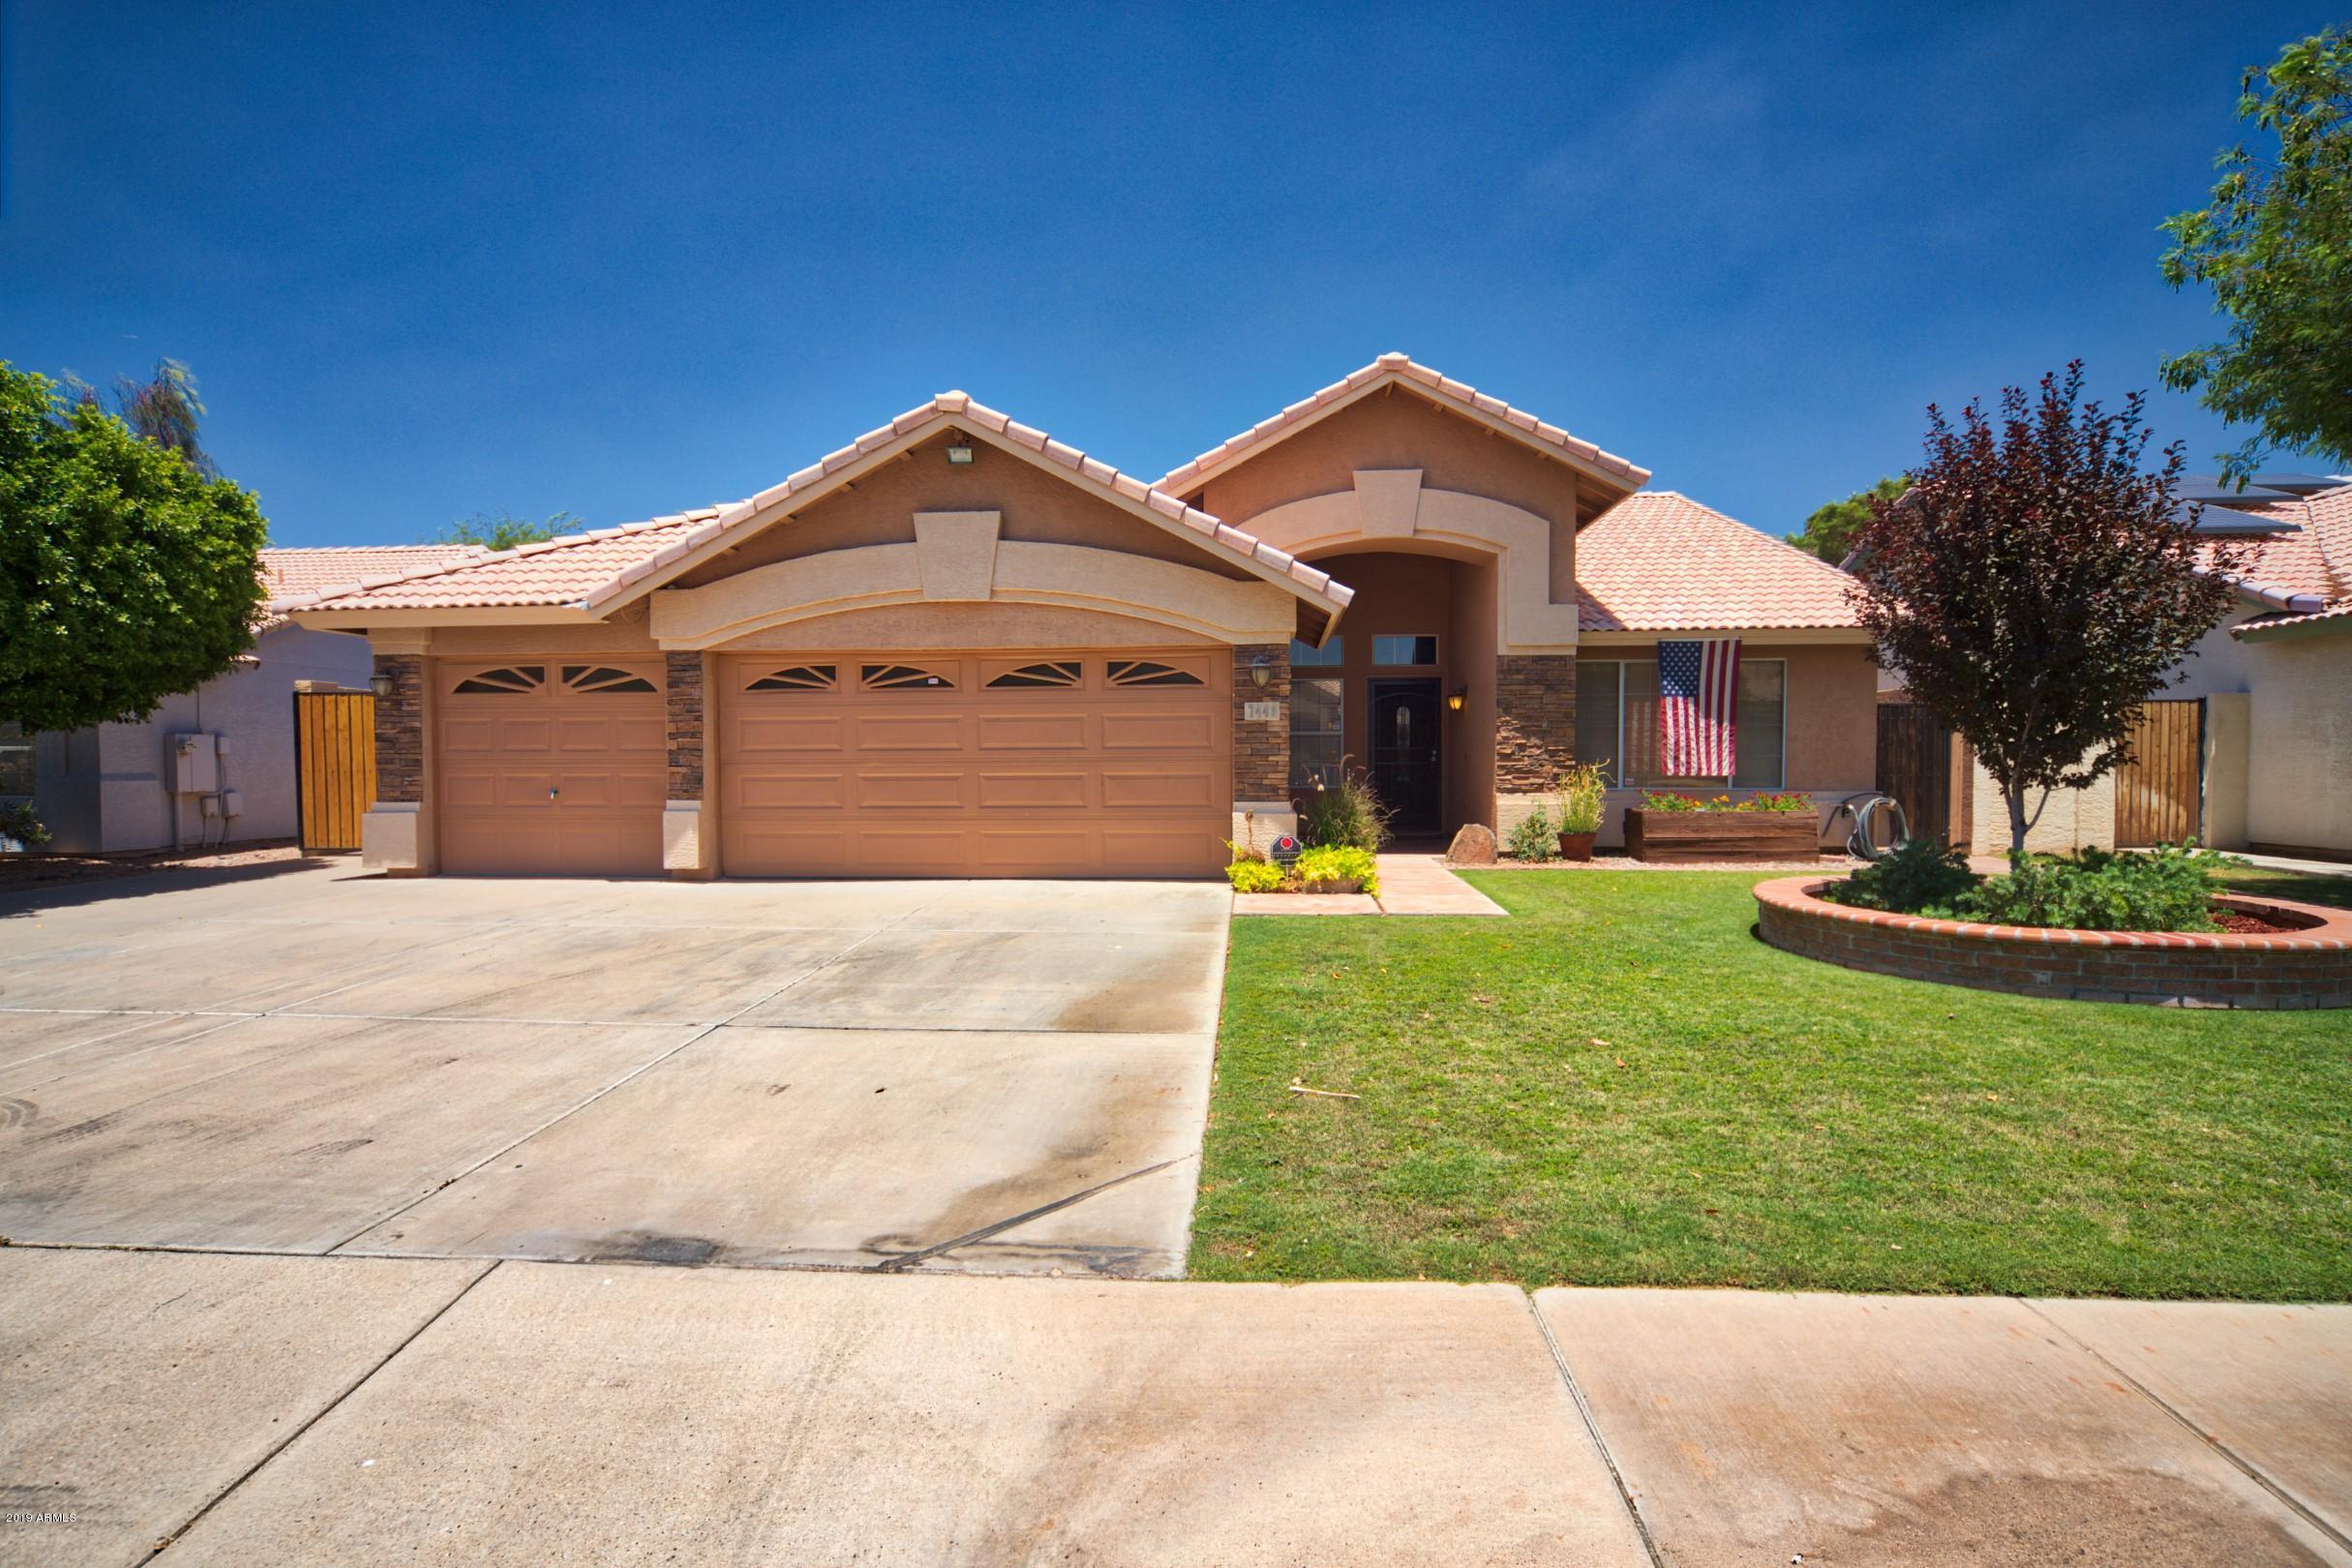 Photo of 7446 E FLORIAN Avenue, Mesa, AZ 85208